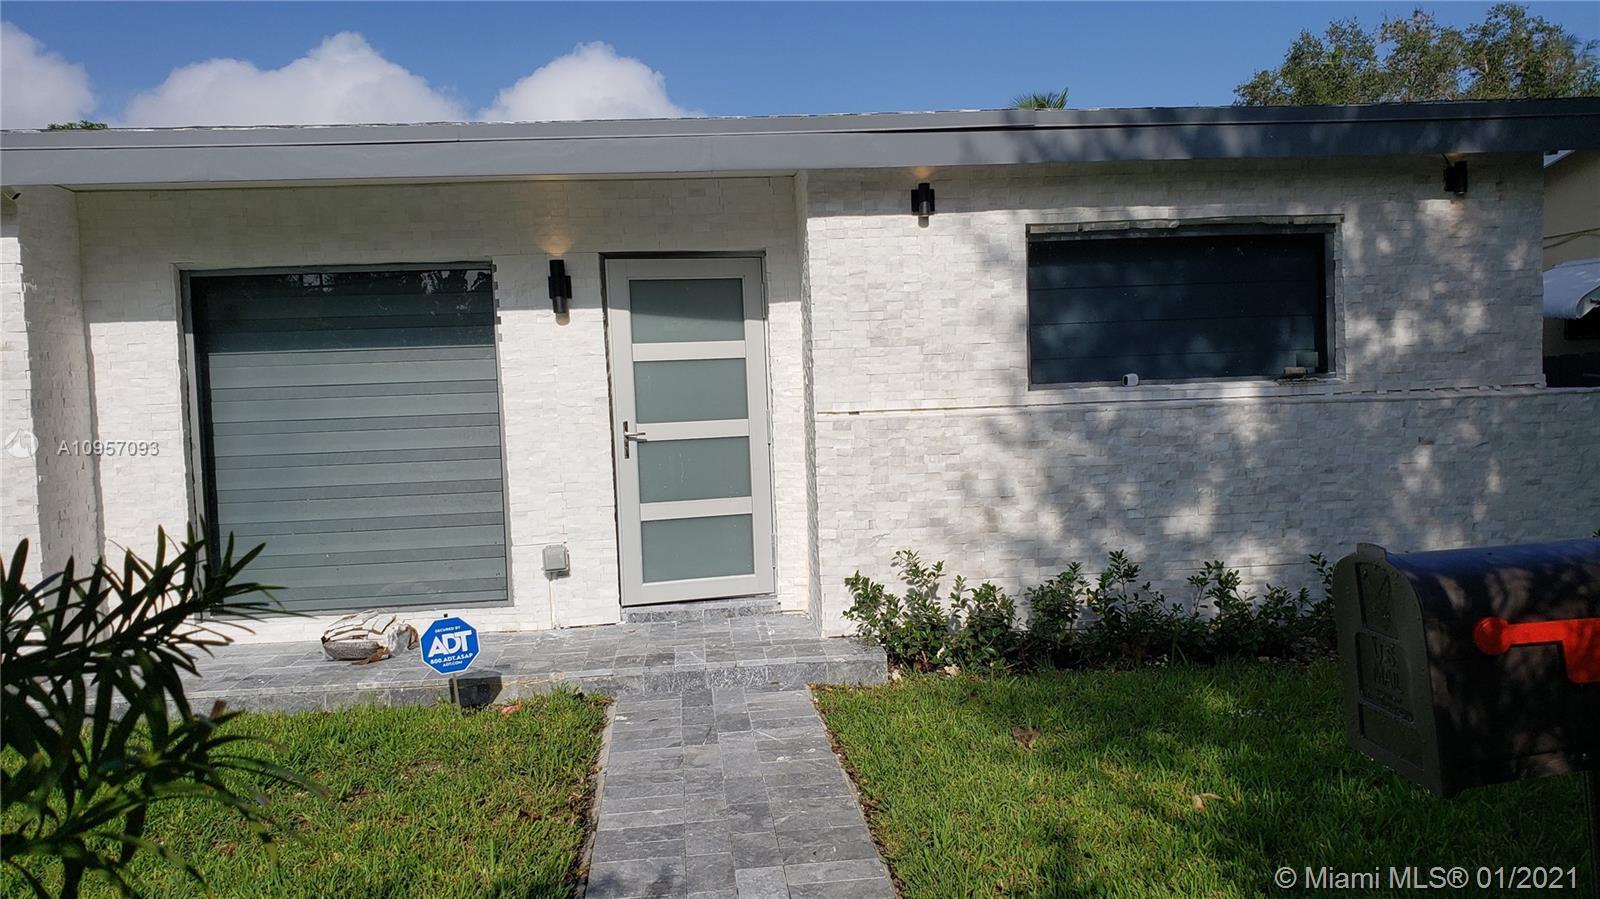 Shore Crest - 8430 E Dixie Hwy, Miami, FL 33138